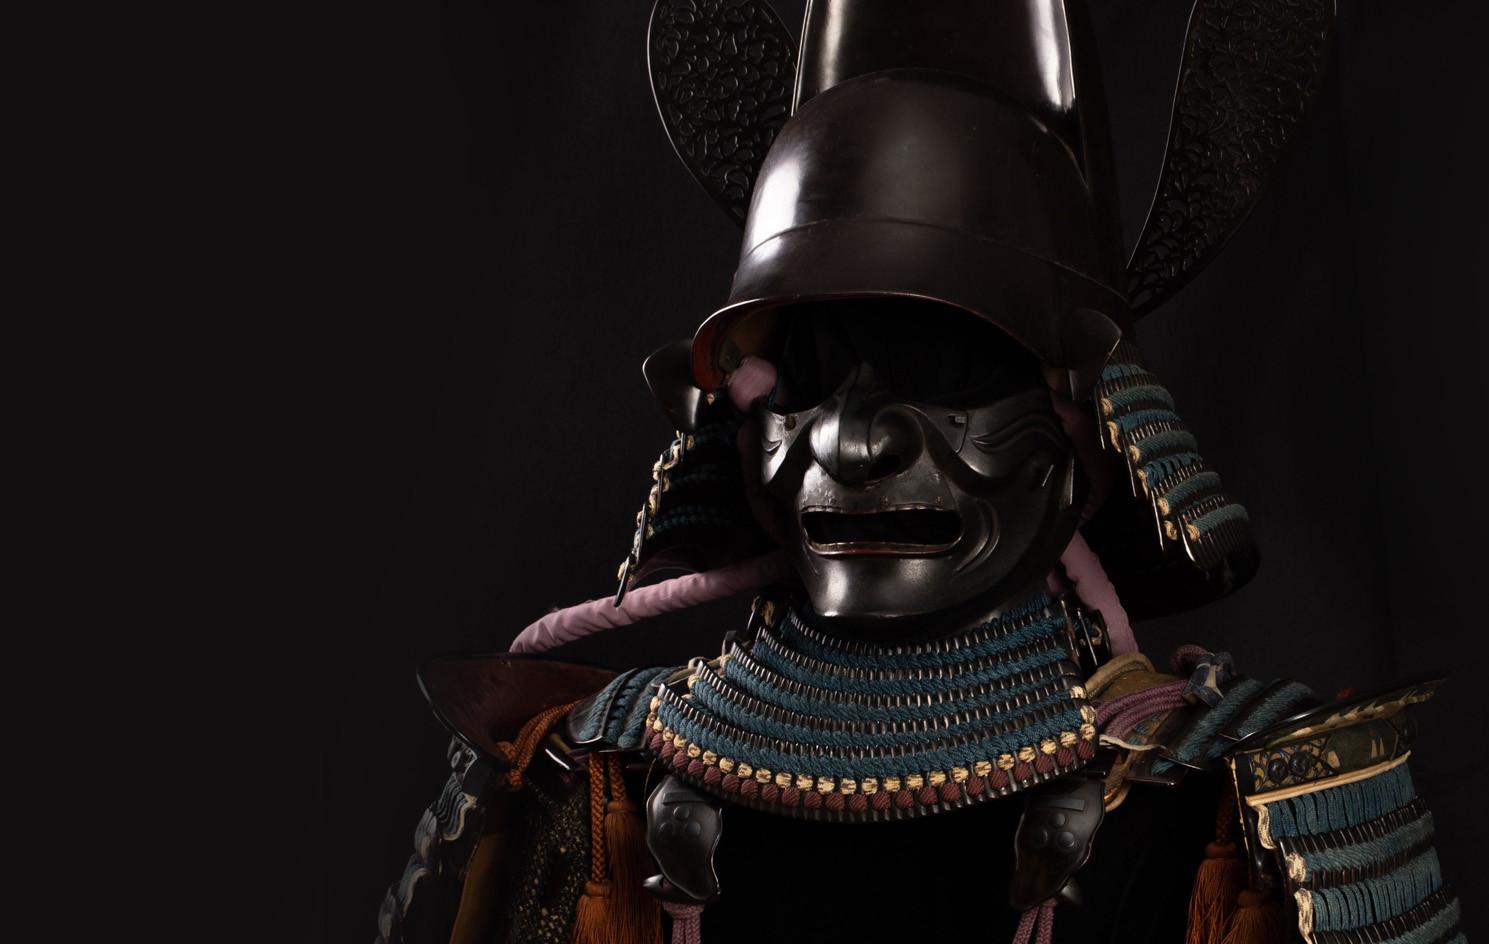 1567 Mori samurai armor-21-2.jpg